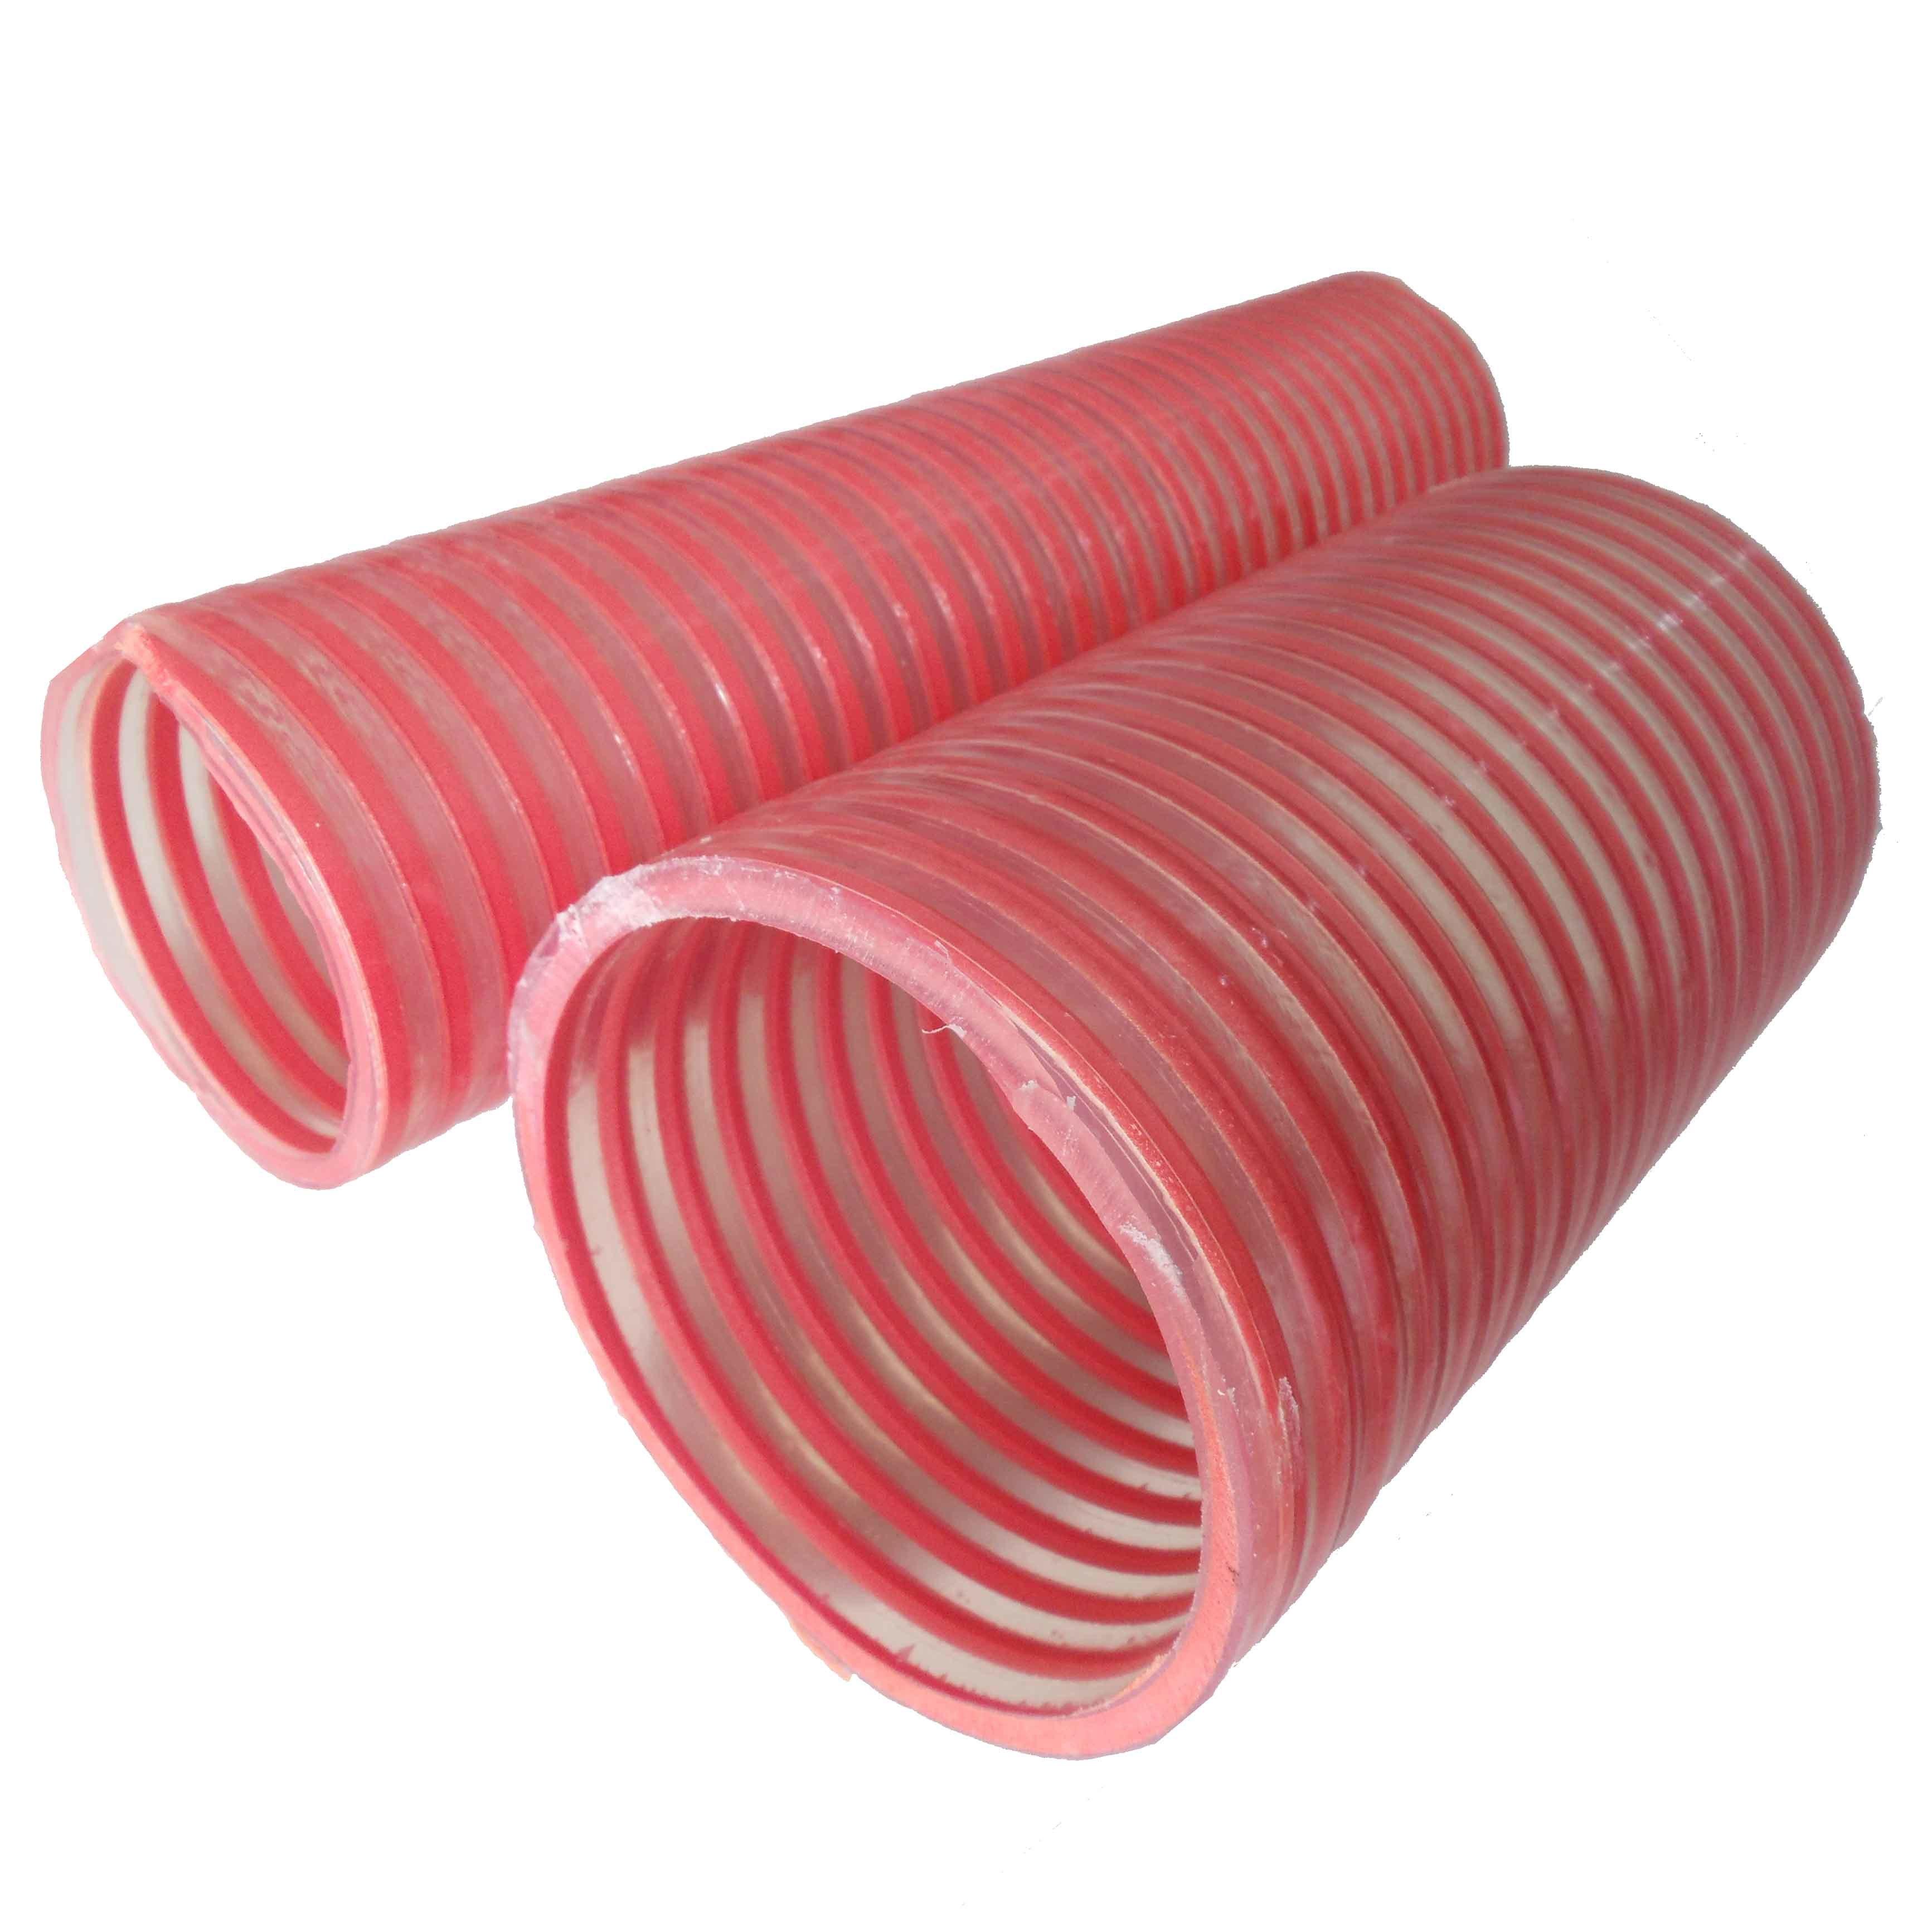 tube flexible de tuyau de l 39 eau de pompe de spirale de vide de tuyau de l 39 eau d 39 aspiration de. Black Bedroom Furniture Sets. Home Design Ideas